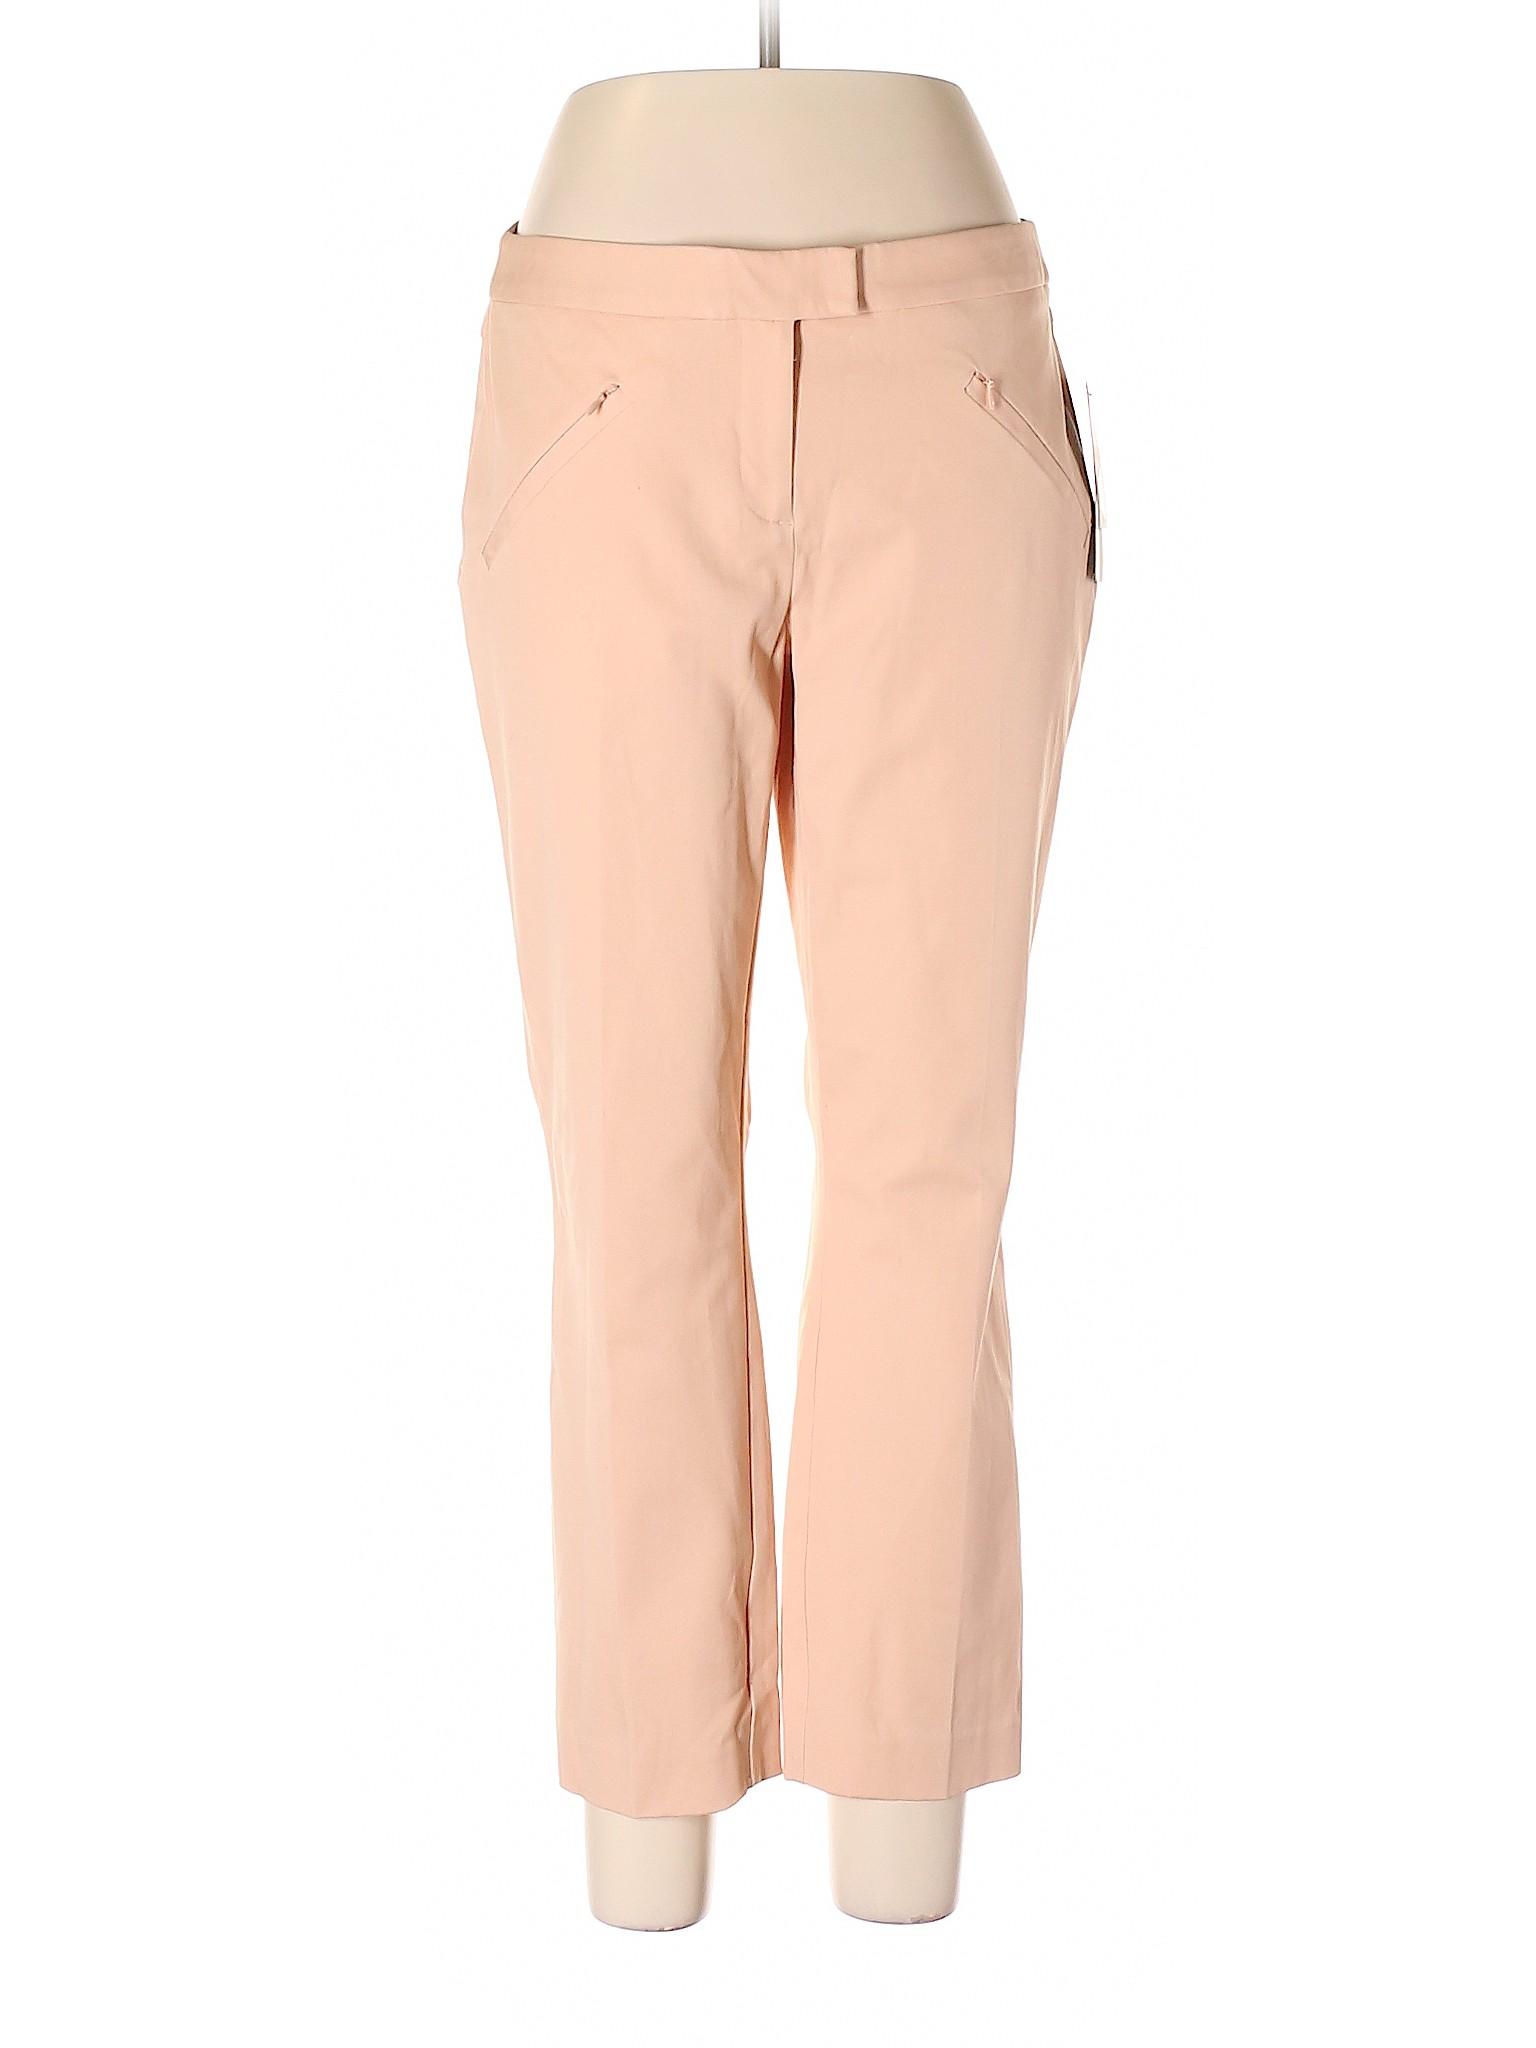 Dress Dress Pants Alfani Boutique Boutique Leisure Alfani Leisure Pants d4HZqd0S